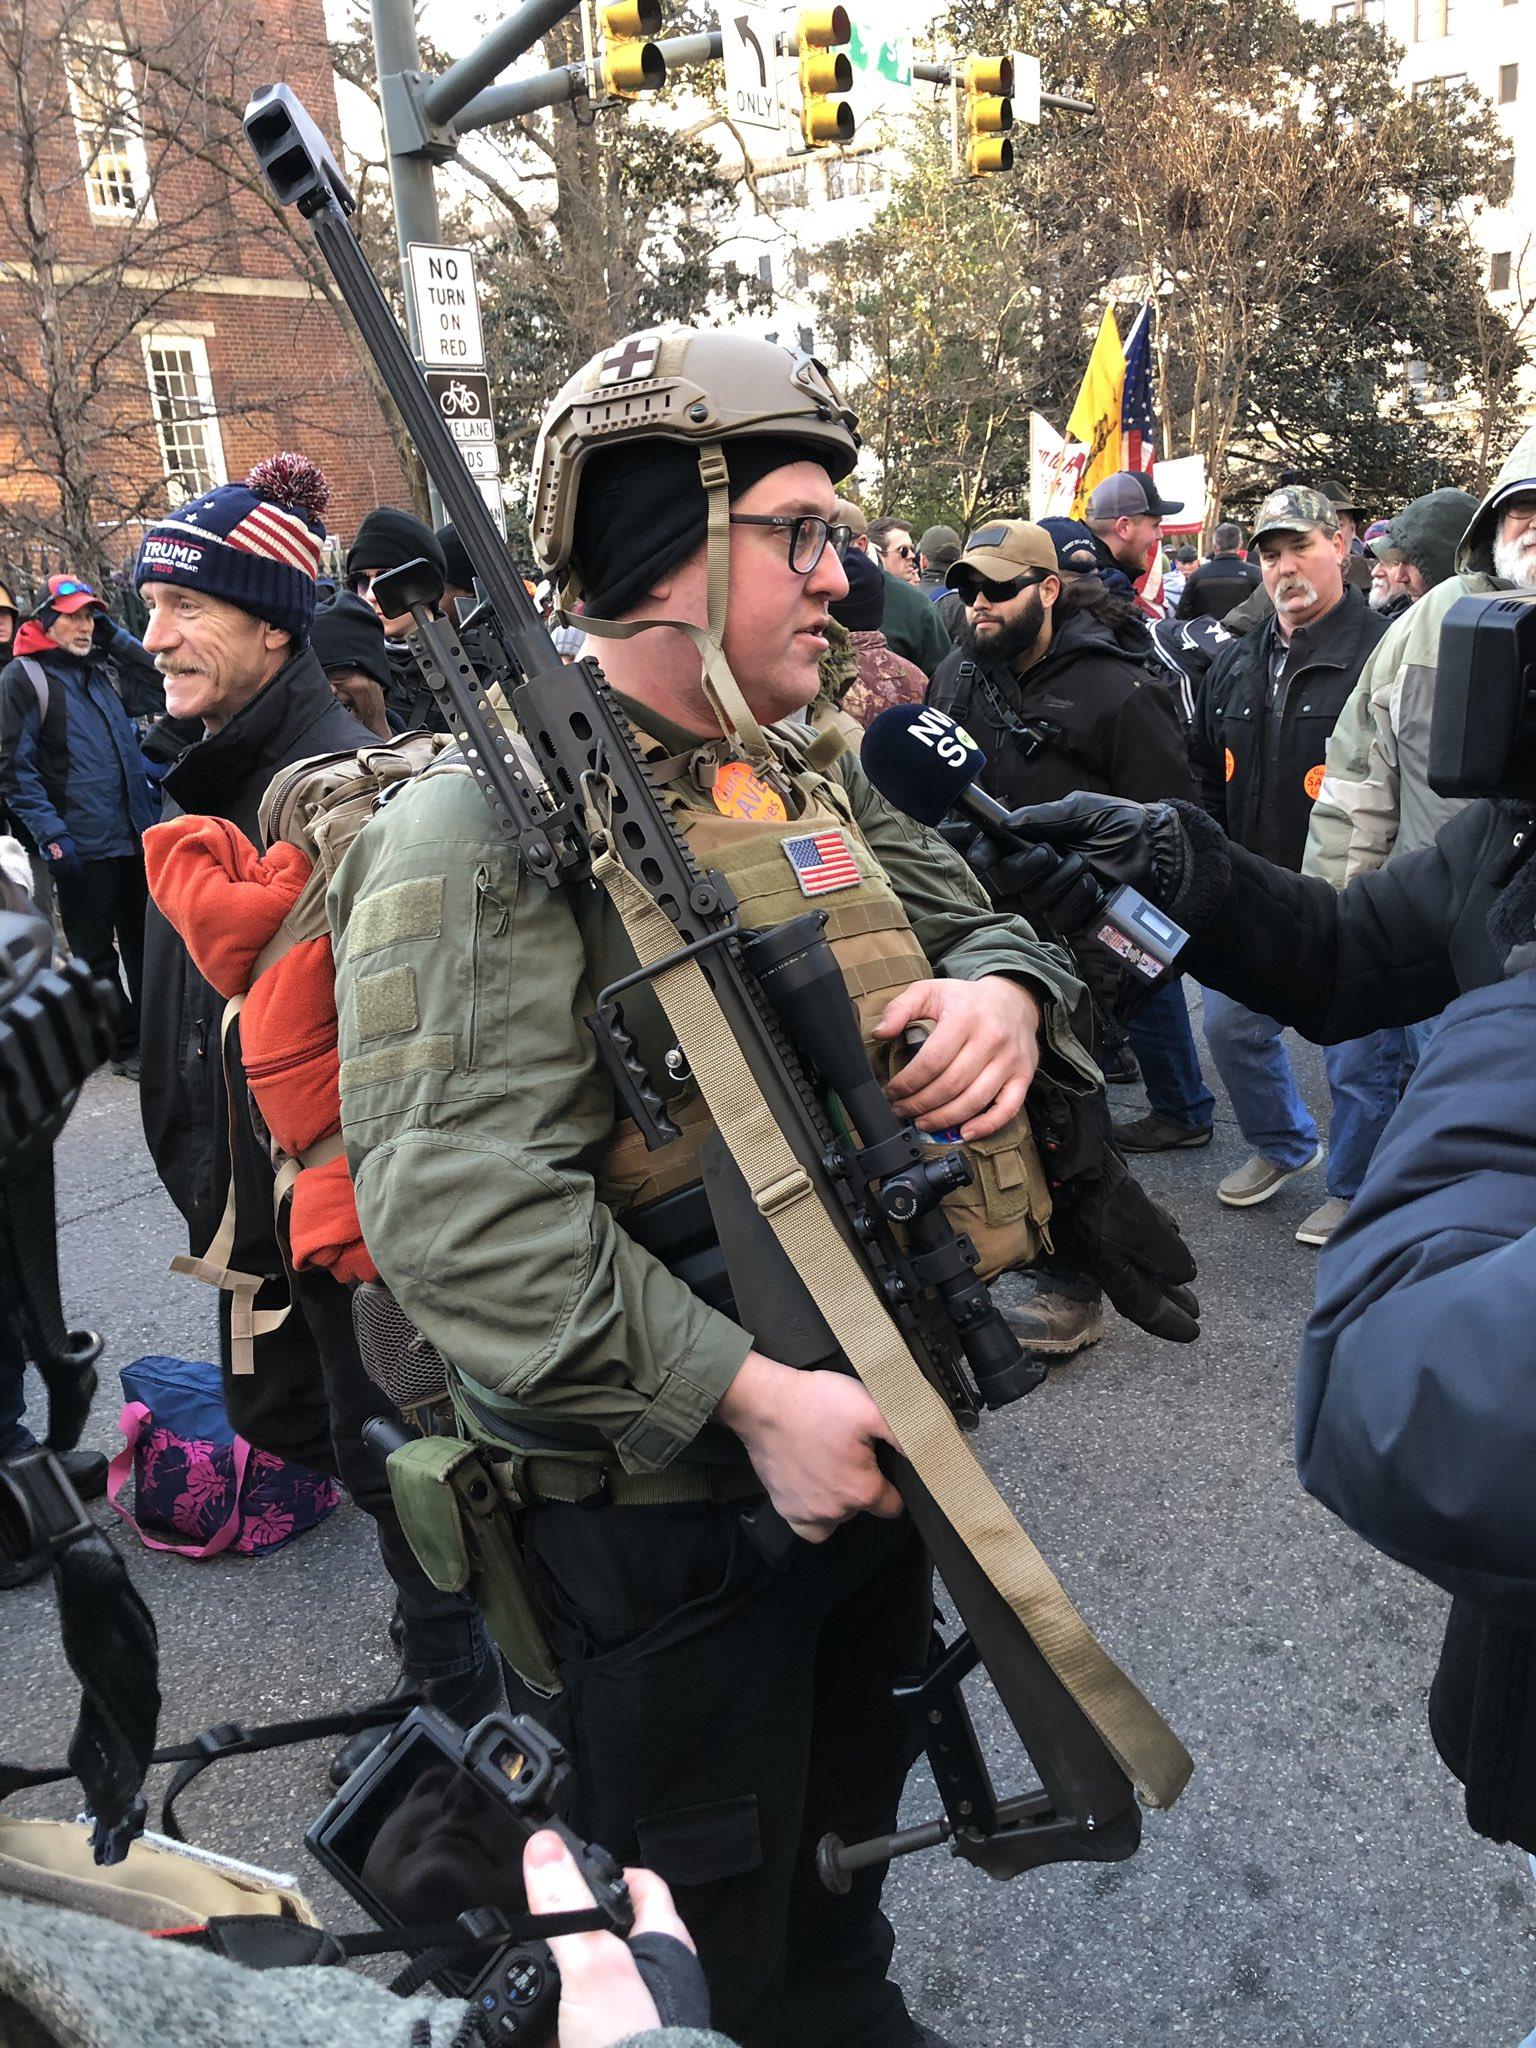 Во-первых, это красиво - мирный протест с Barrett .50 cal в руках